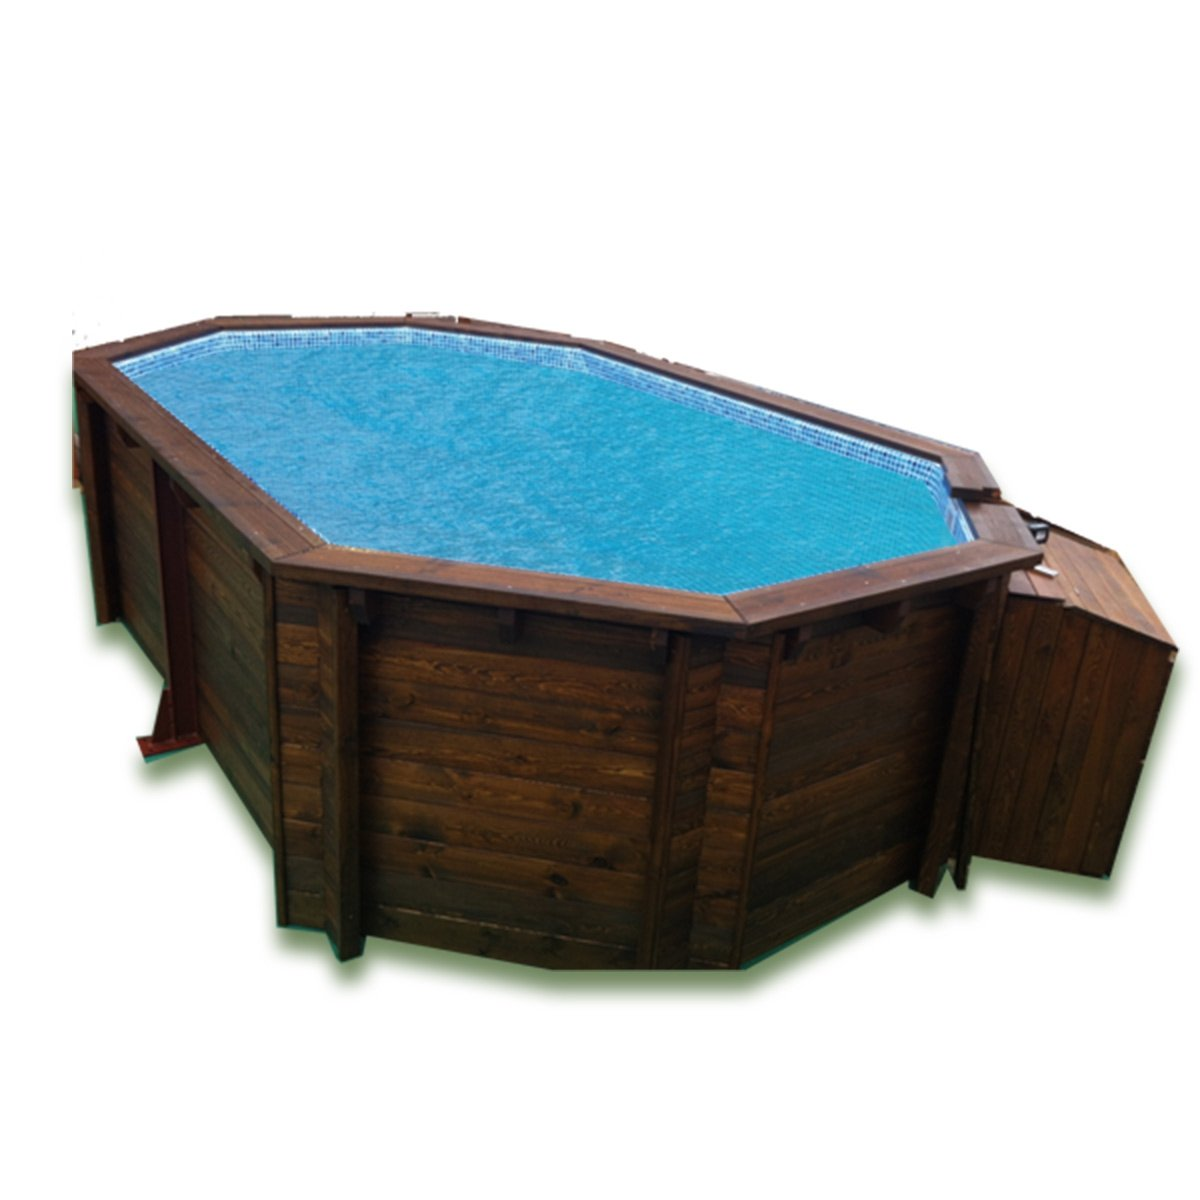 K2O Piscina octogonal 488 x 317 x 128 cm + depuradora de arena: Amazon.es: Juguetes y juegos